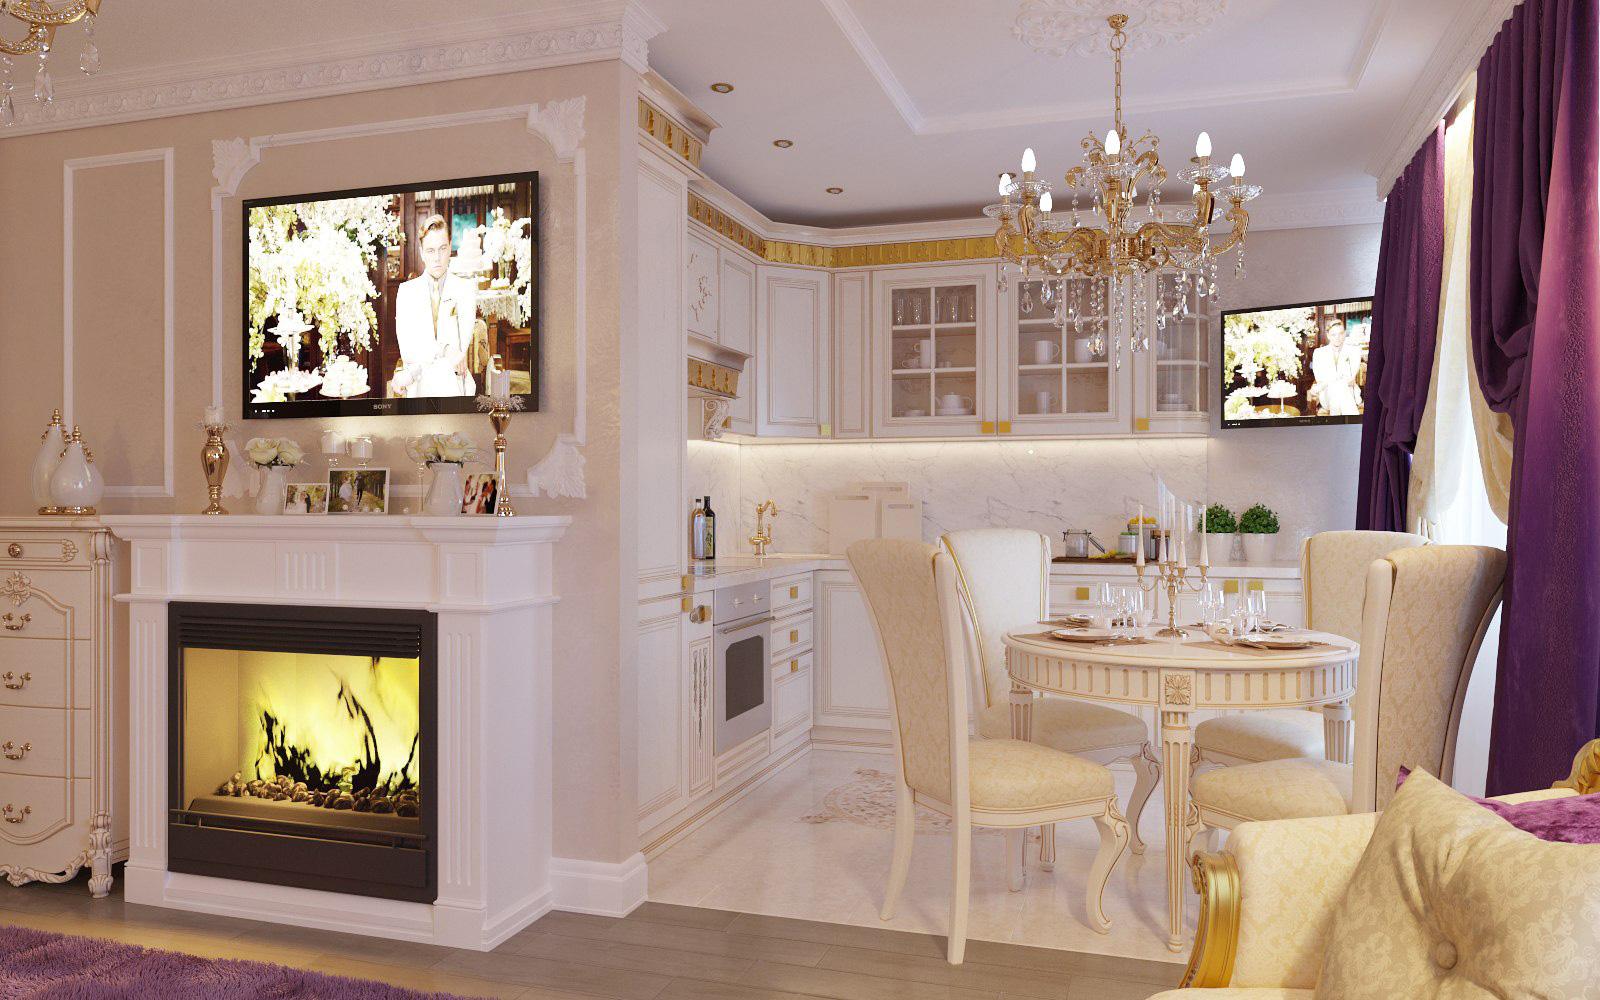 Работа дизайнера Натальи Авсараговой 3.3. Ремонт Вашего Дома — Дизайнерский ремонт по доступной цене!